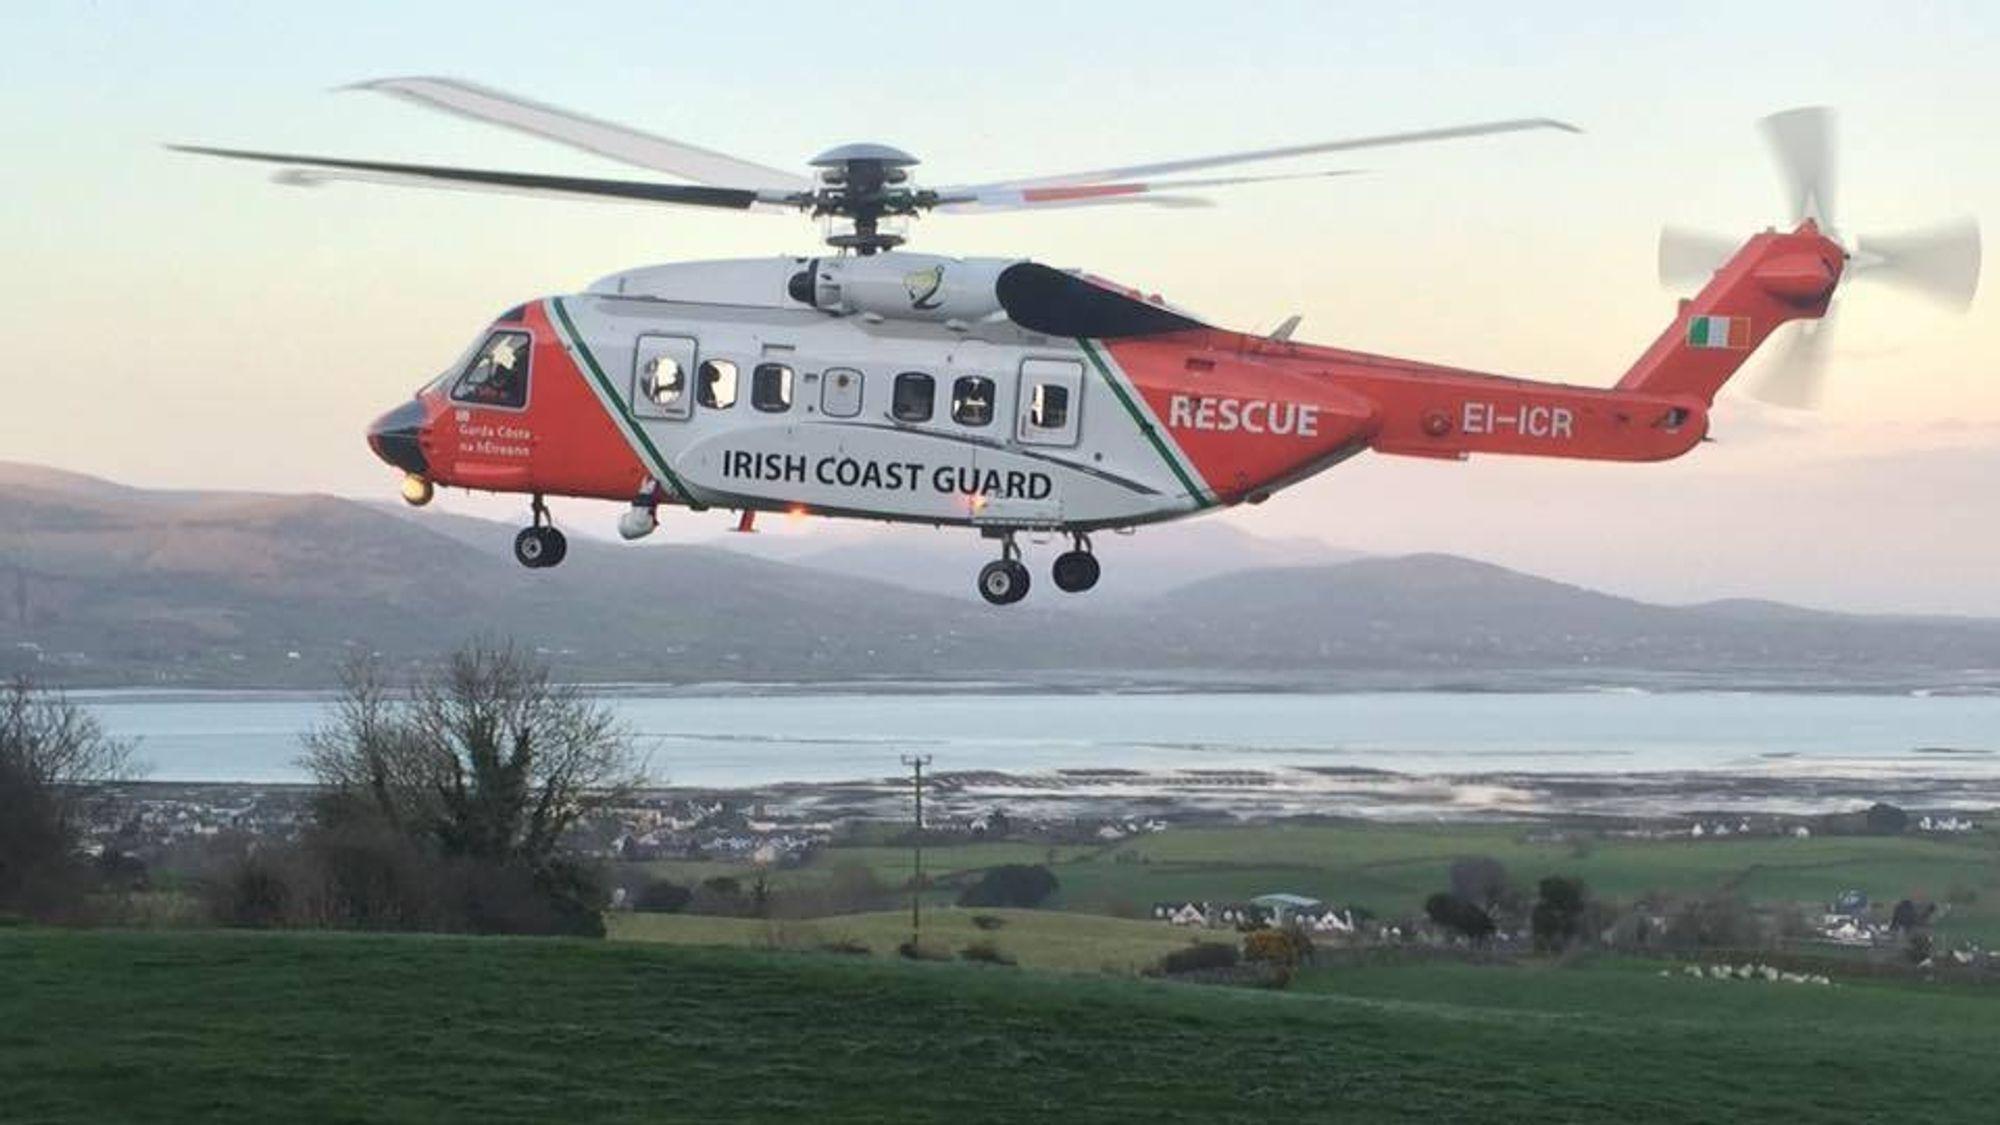 Det var dette helikopteret (EI-ICR) som havarerte for tre uker siden under et redningsoppdrag. Alle fire besetningsmedlemmene omkom.